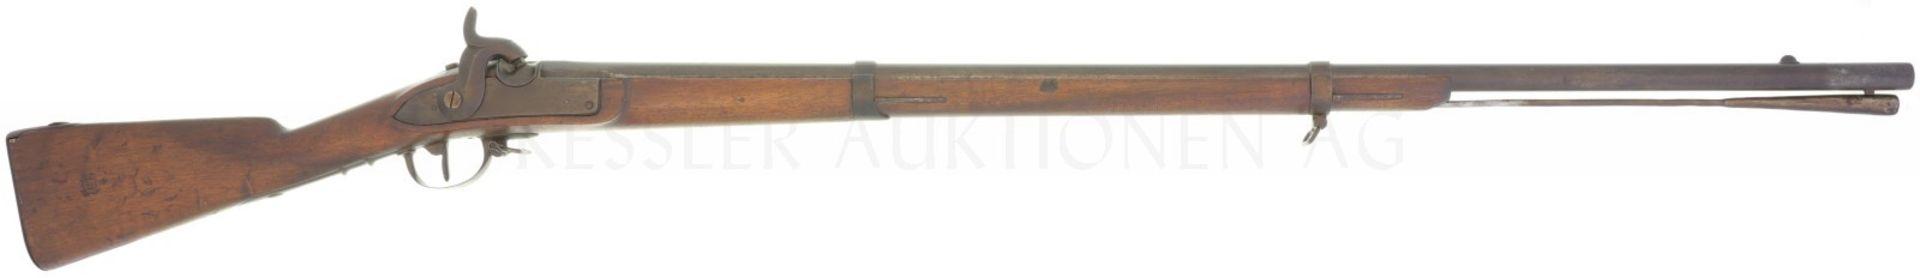 Perkussionsgewehr, Infanterie 1842, Hersteller unbekannt, Gemeindegewehr Kt. Tessin, Kal. 17.6mm